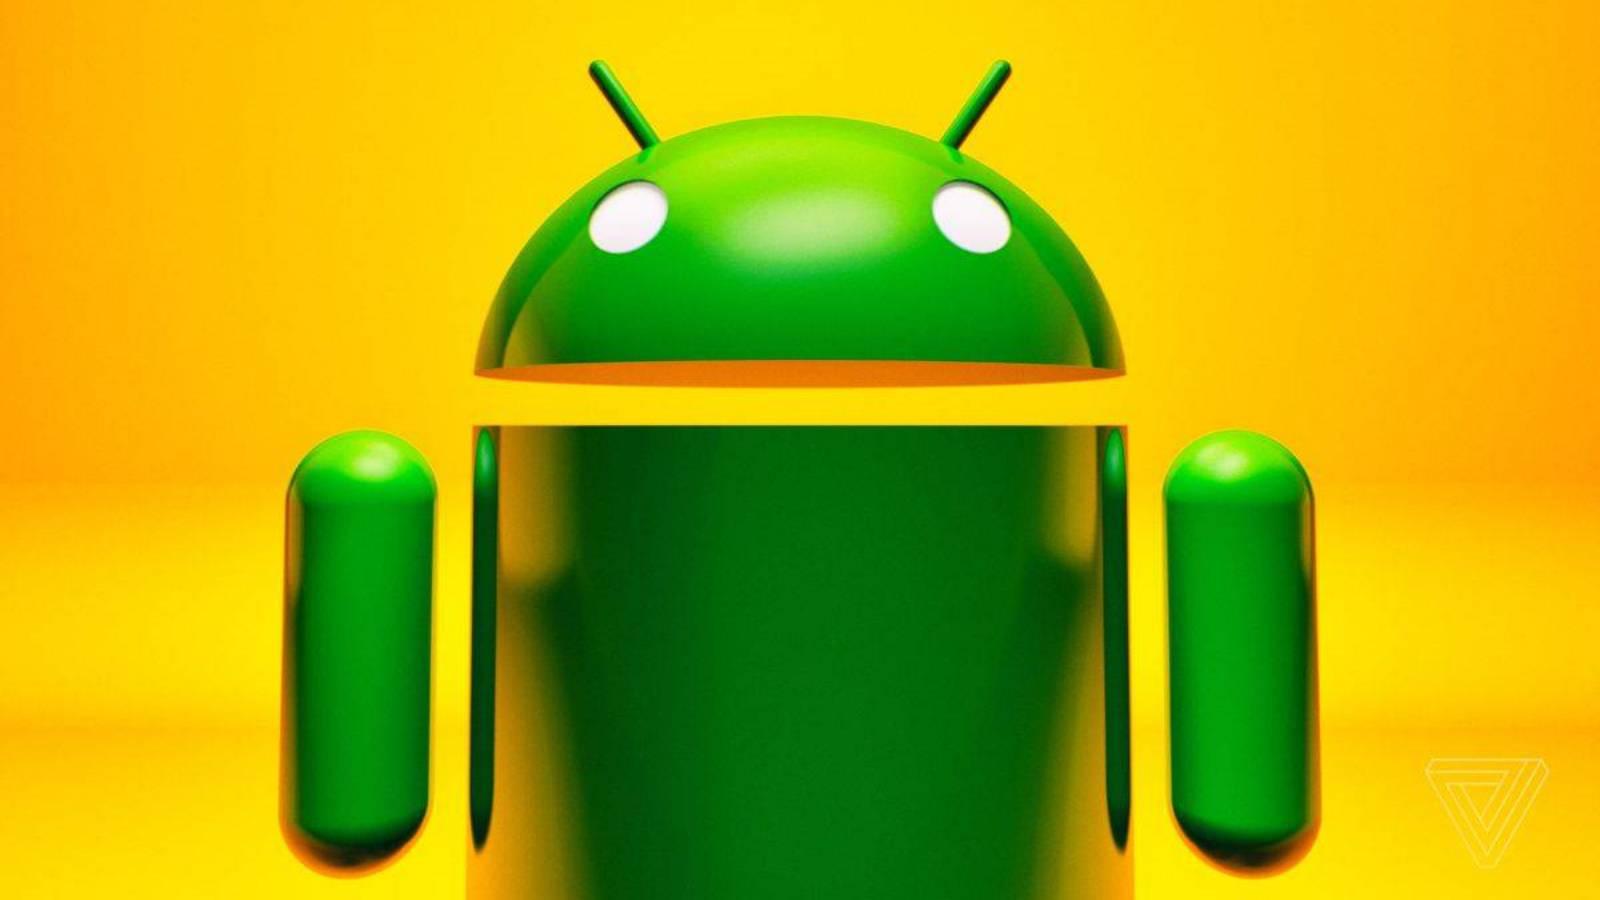 Telefoanele Android qualcomm